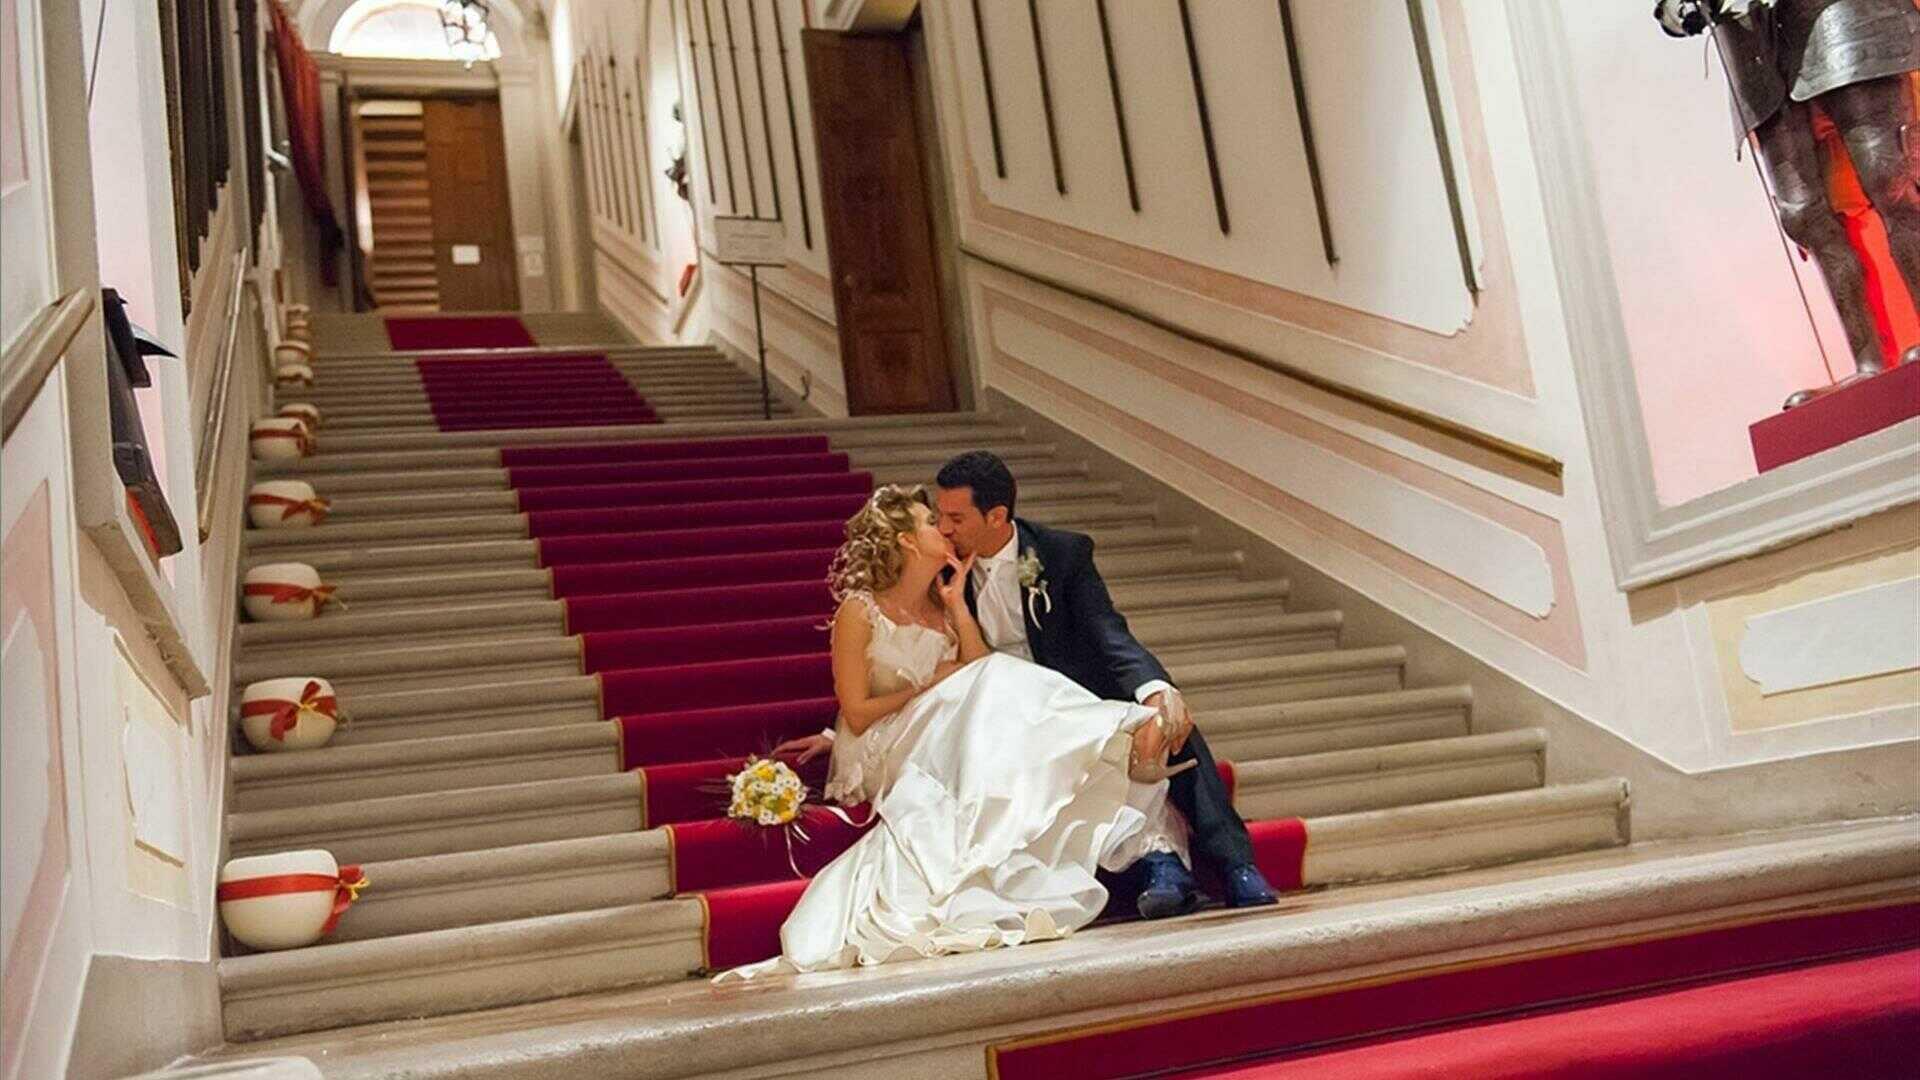 Matrimonio Rustico Treviso : Location per matrimoni a treviso le migliori del